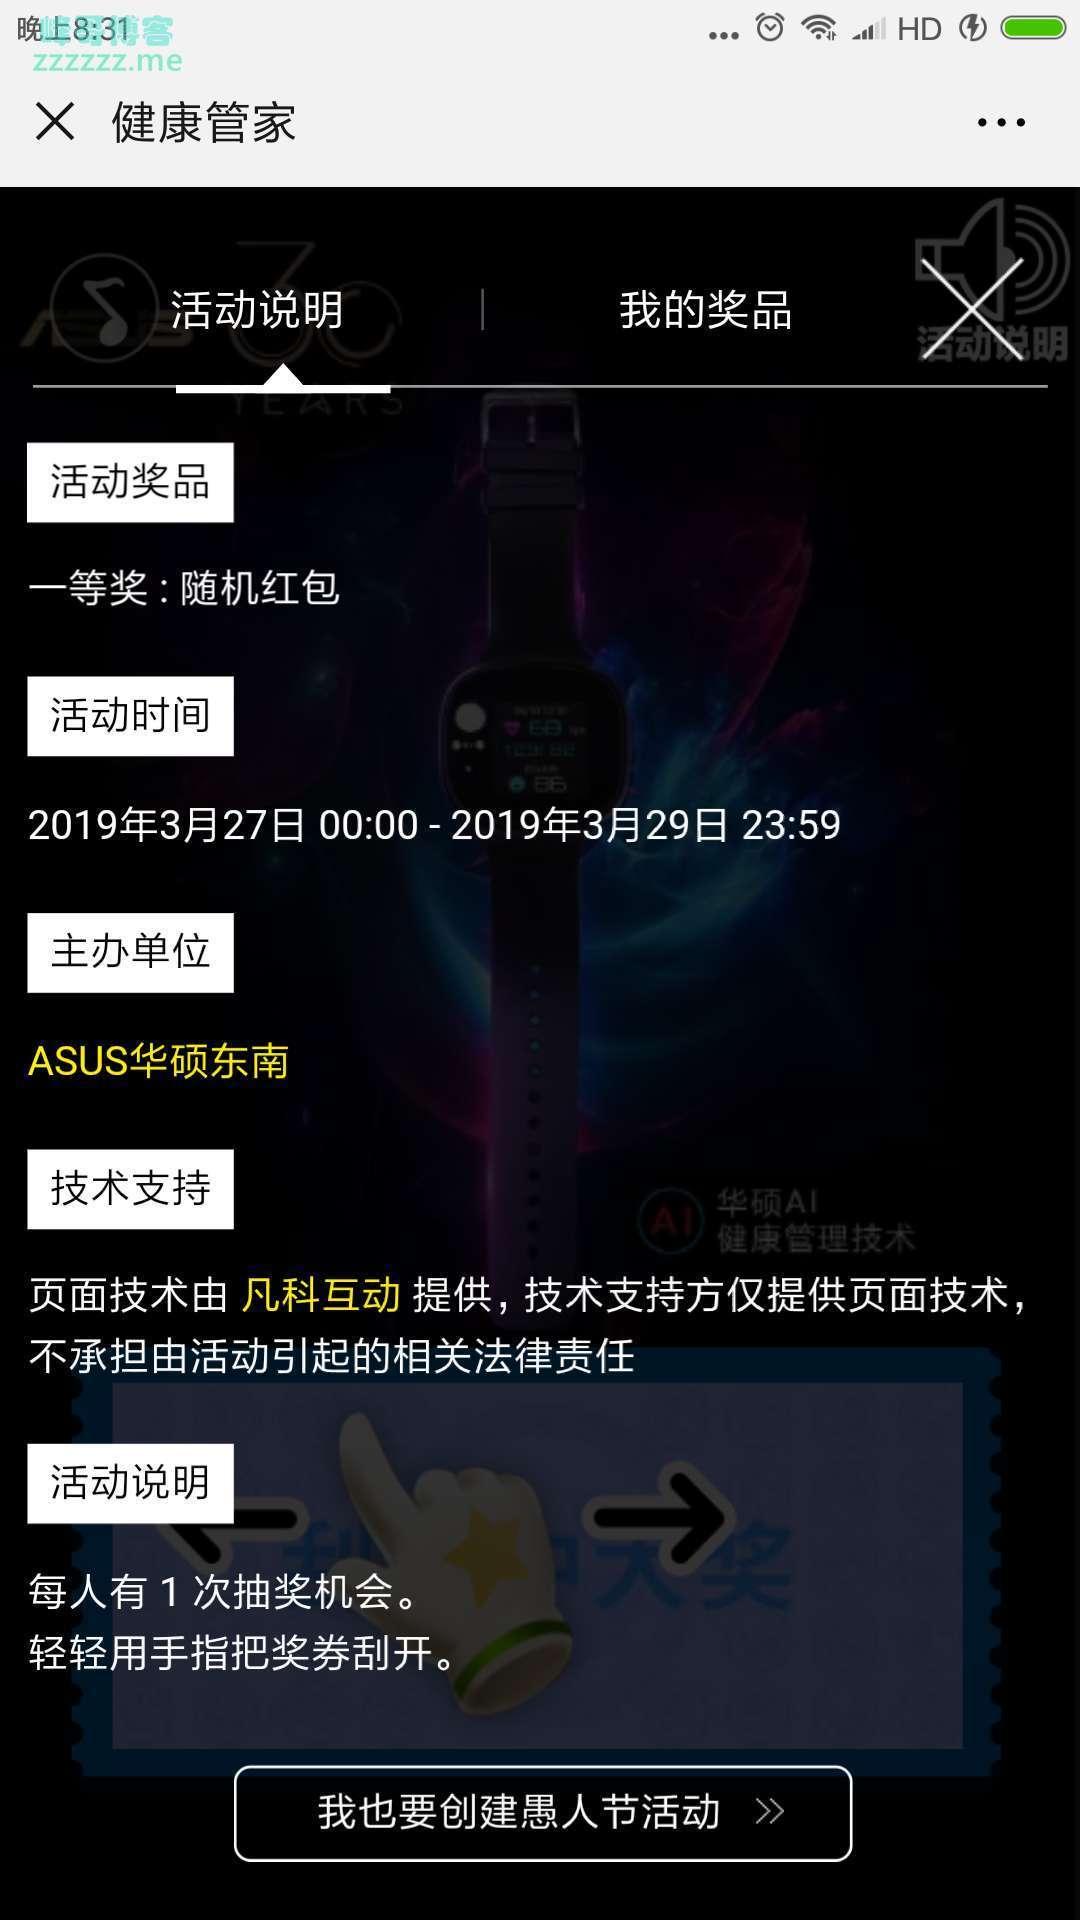 <ASUS华硕东南>健康福利(截止3月29日)